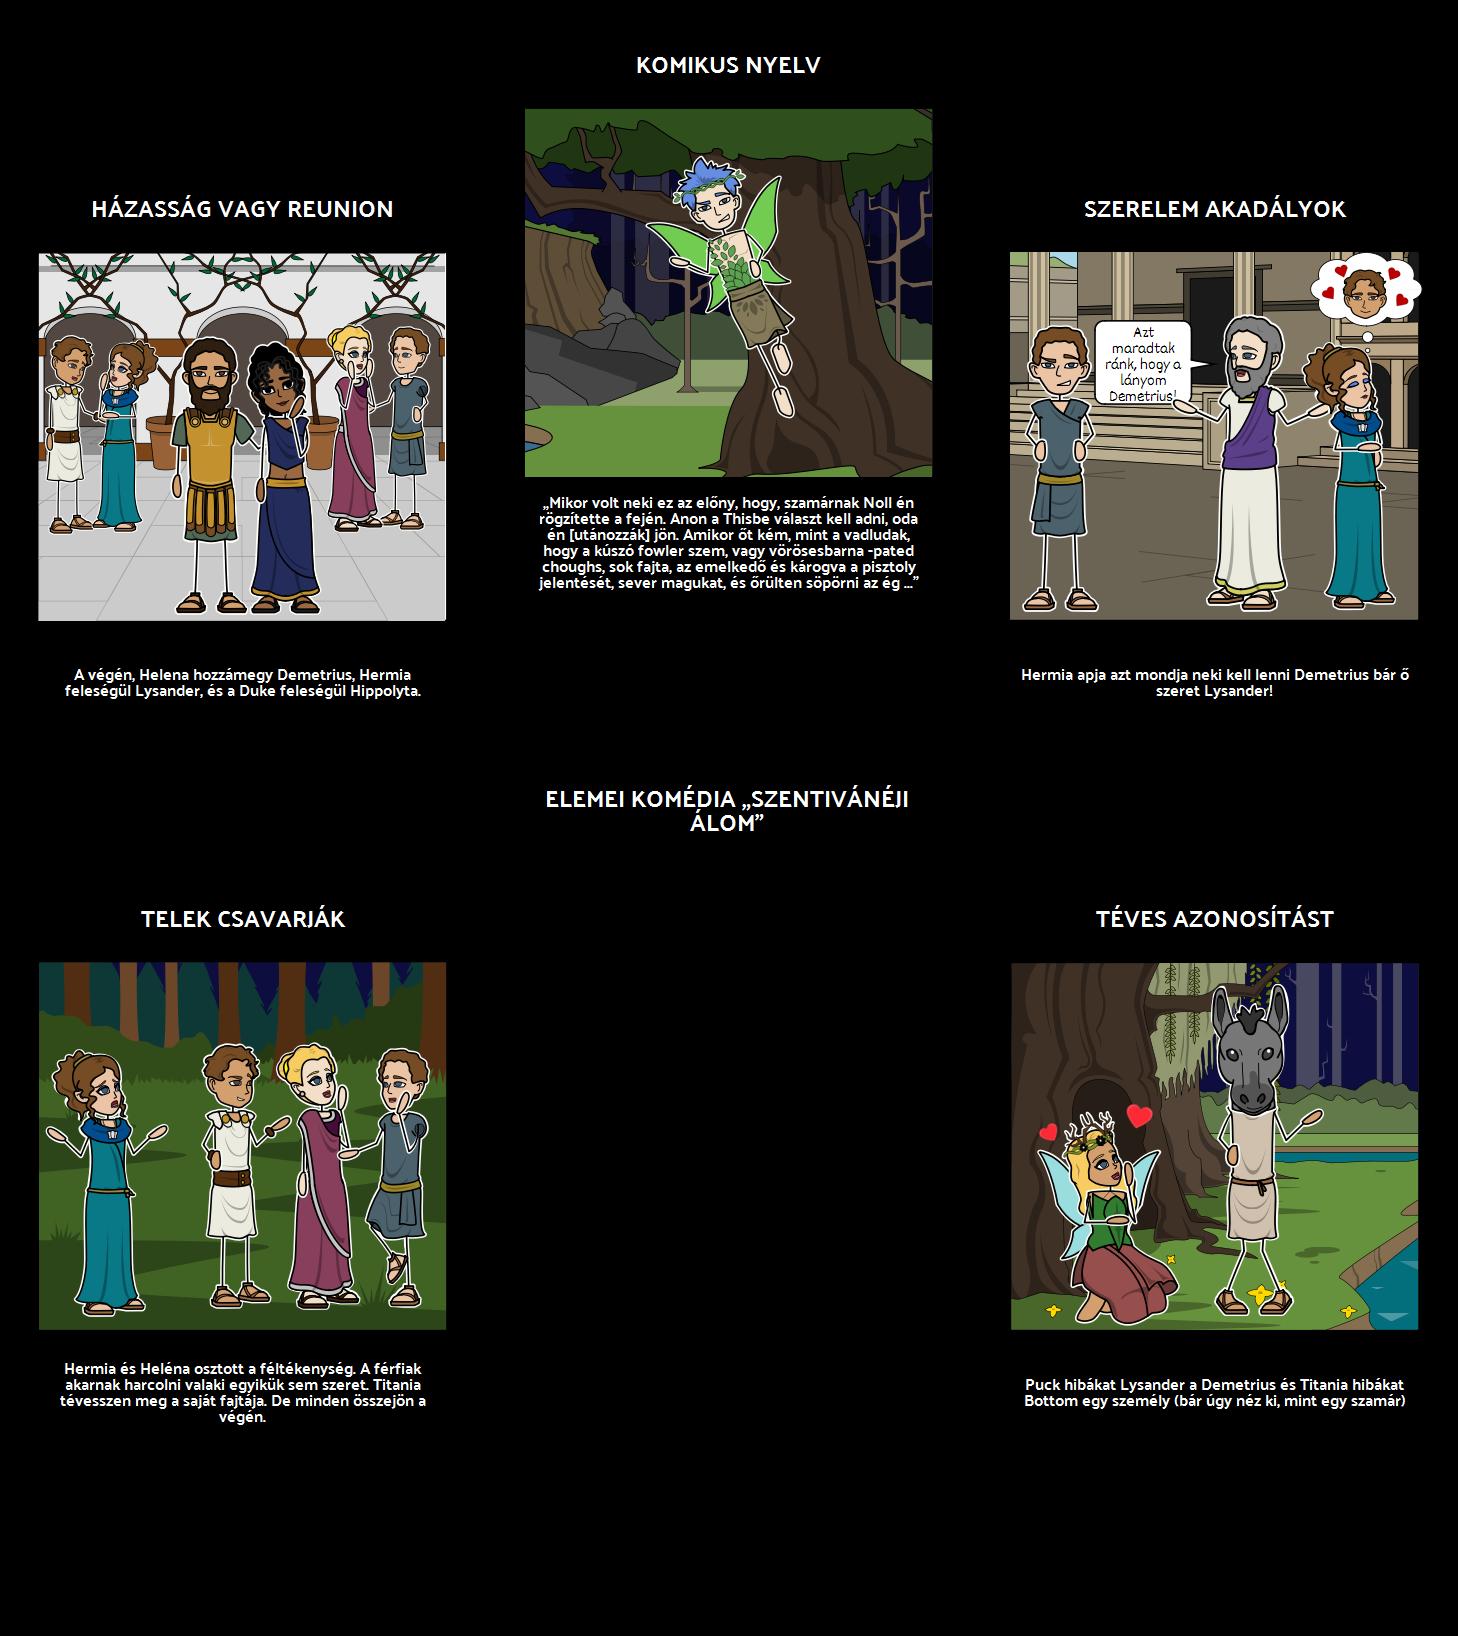 Shakespeare Genre- Comedy - Szentivánéji Álom